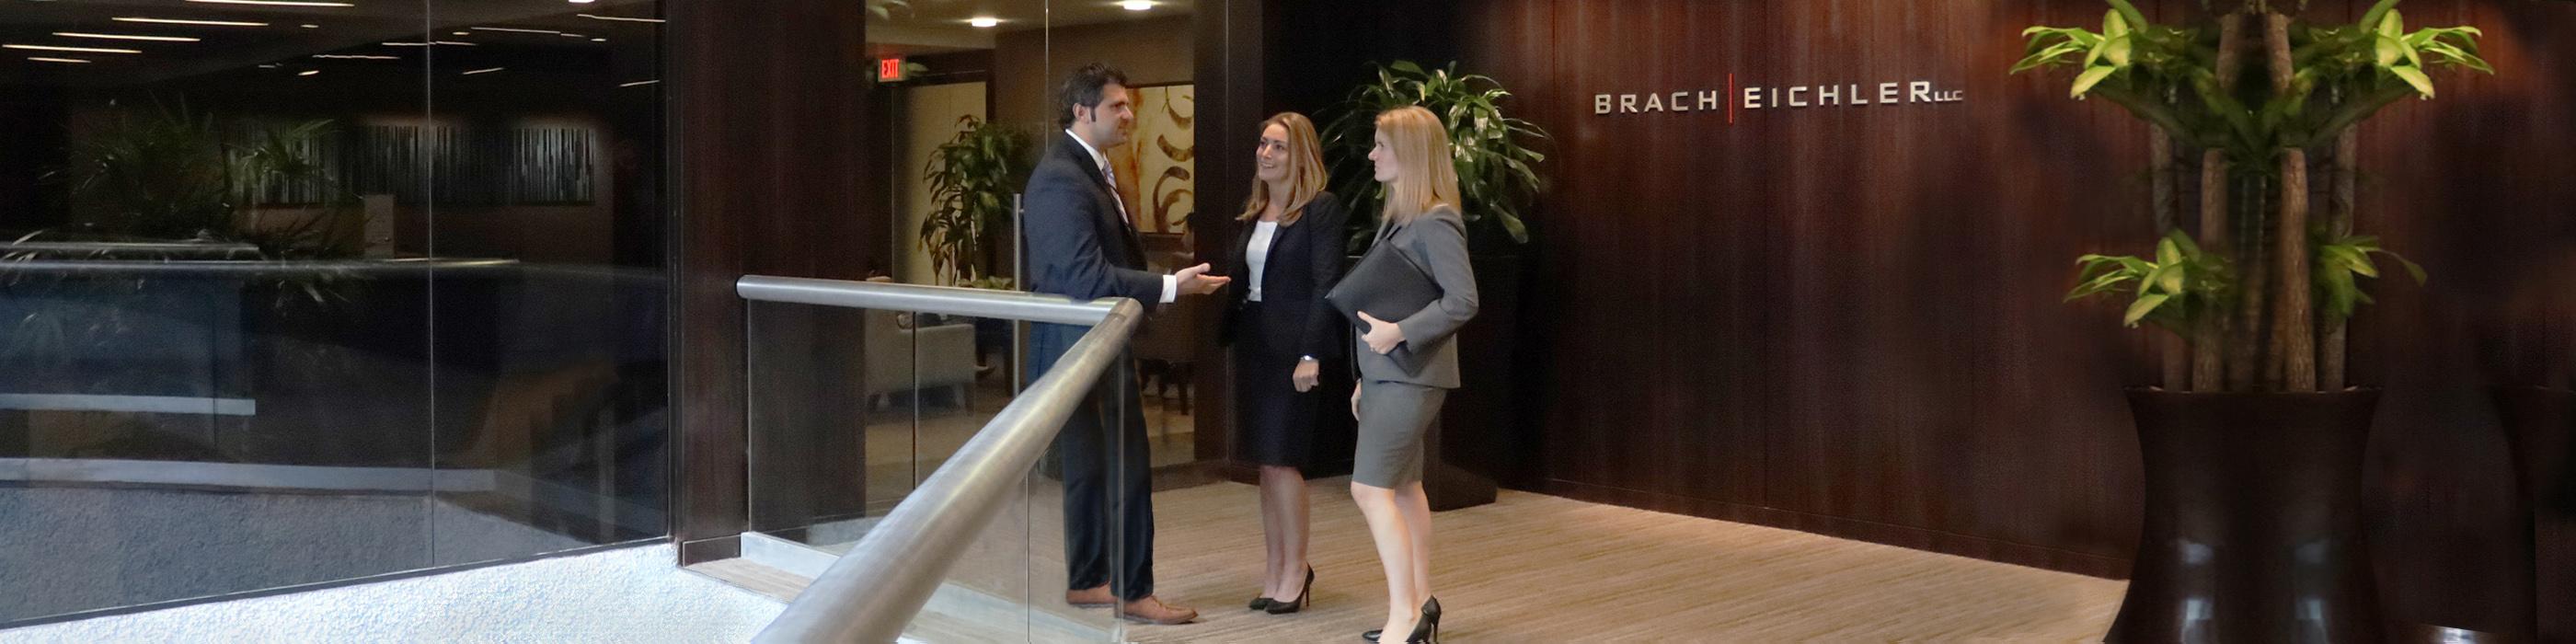 Three Brach Eichler Attorneys in entrance.